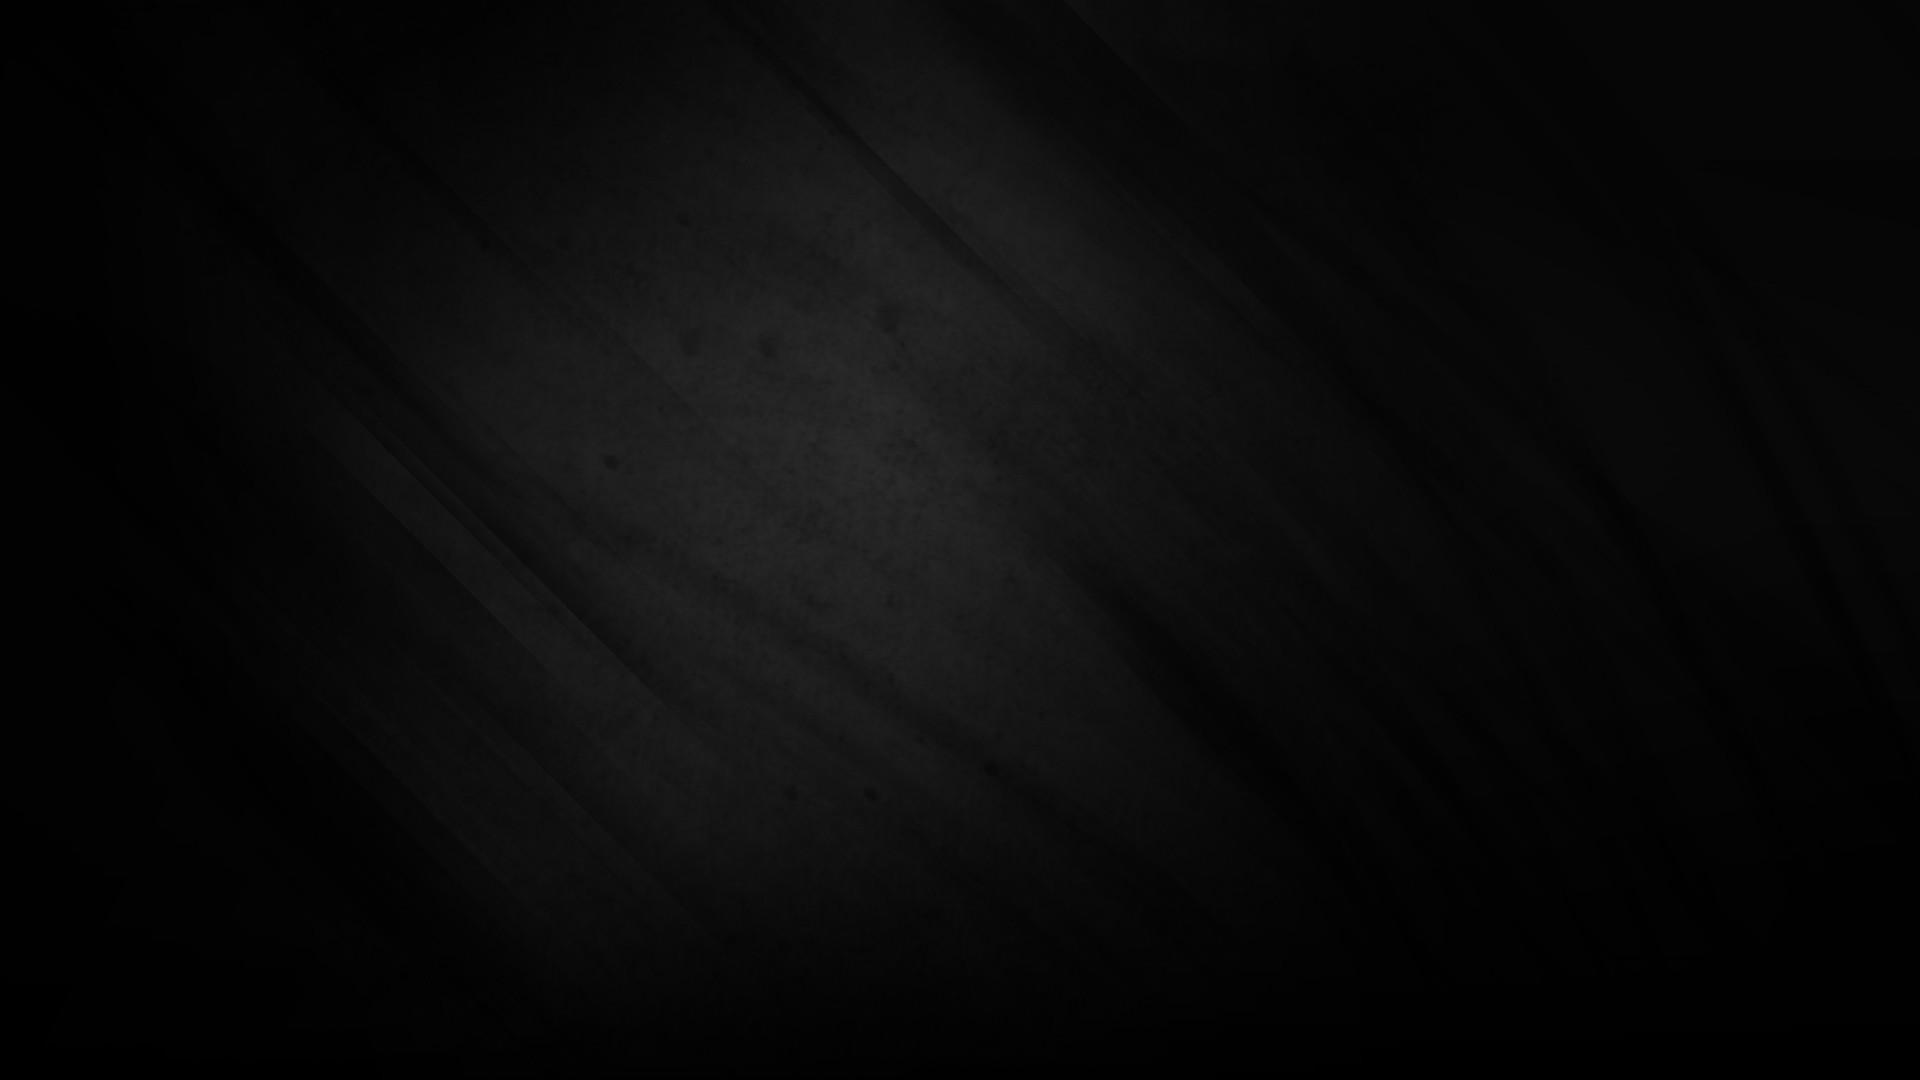 Black Background Images.